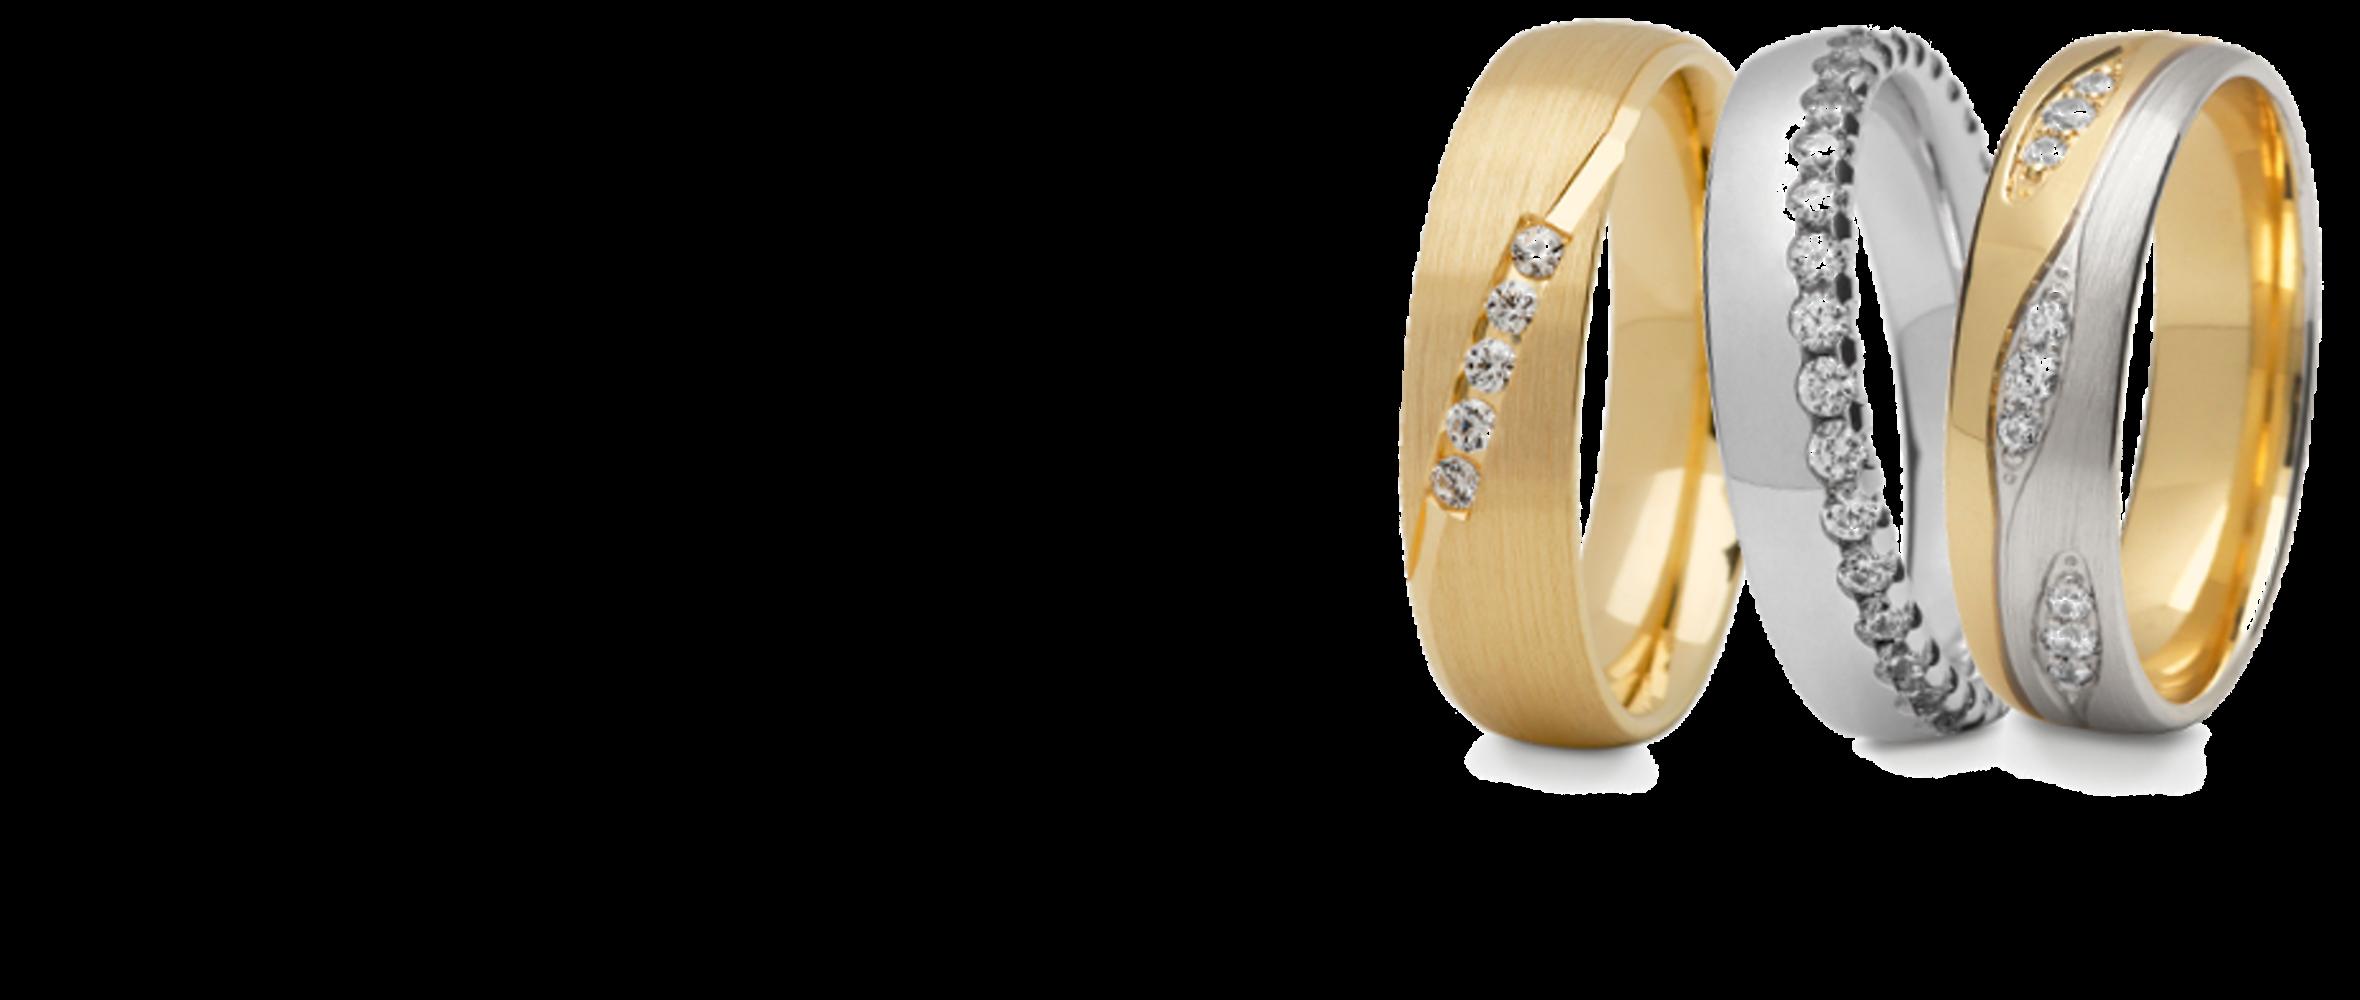 fc9eef055f2dc9 Biżuteria złota i srebrna: łańcuszki, obrączki ślubne, pierścionki ...